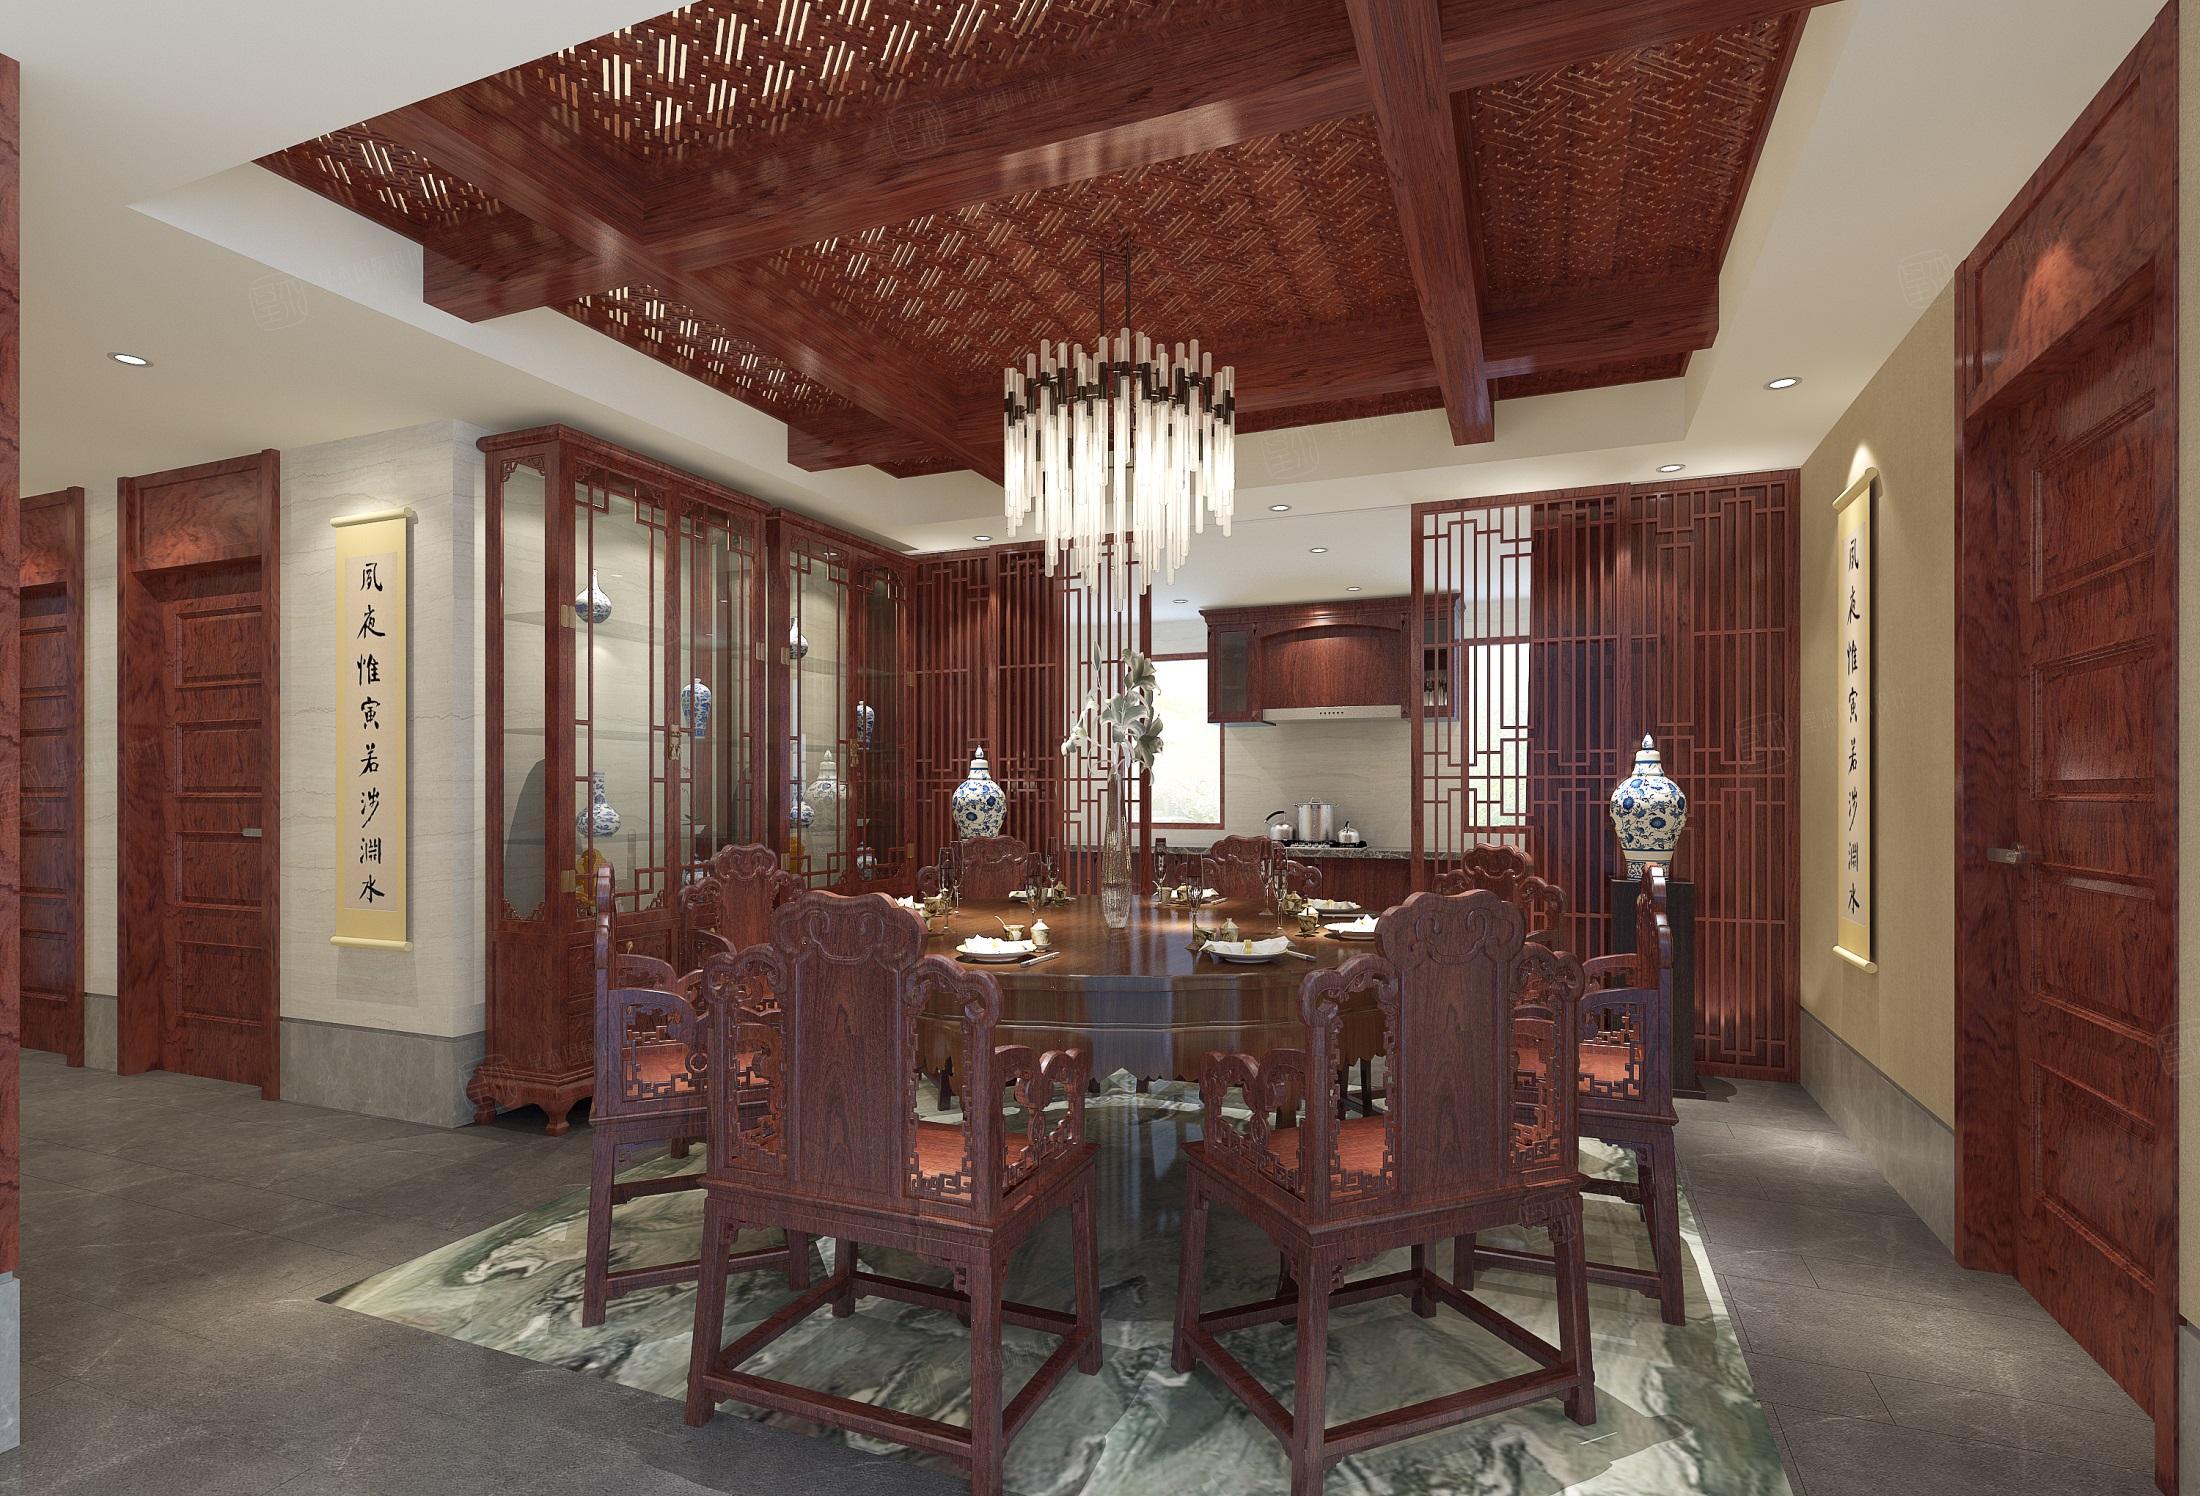 苏州绿城桃花源 中式装修餐厅效果图